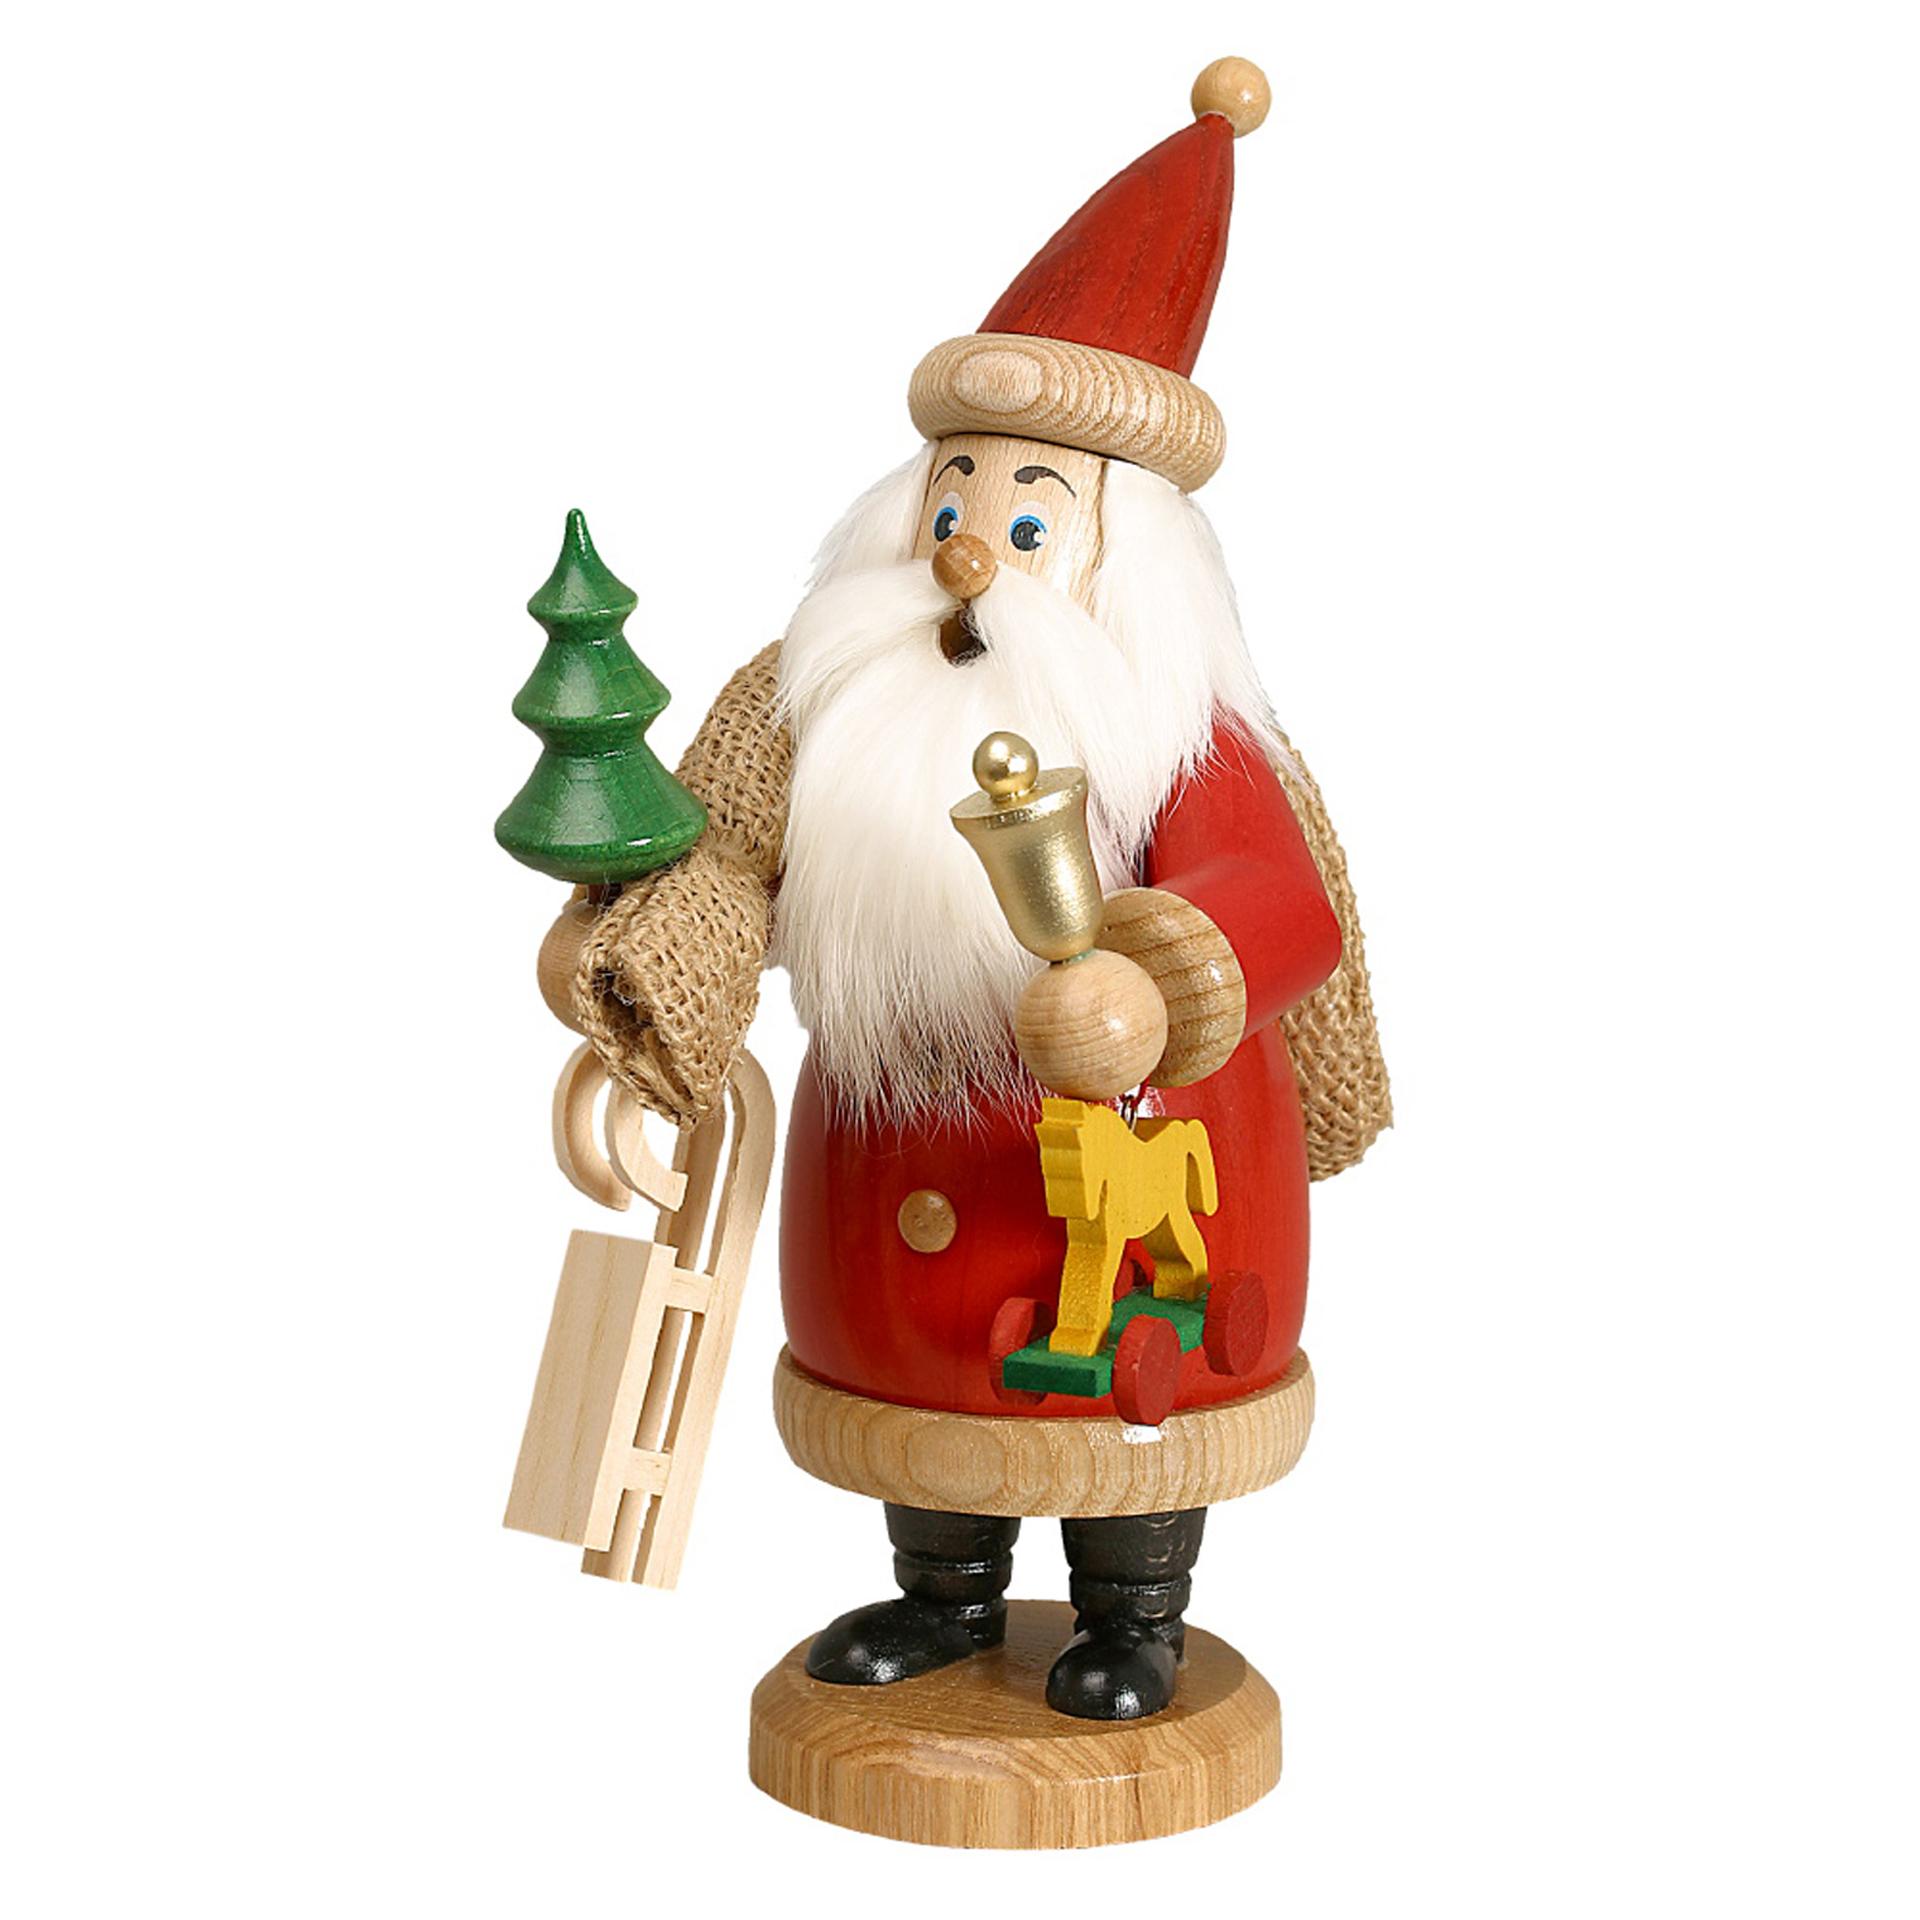 Rauchfigur Weihnachtsmann mit Geschenken